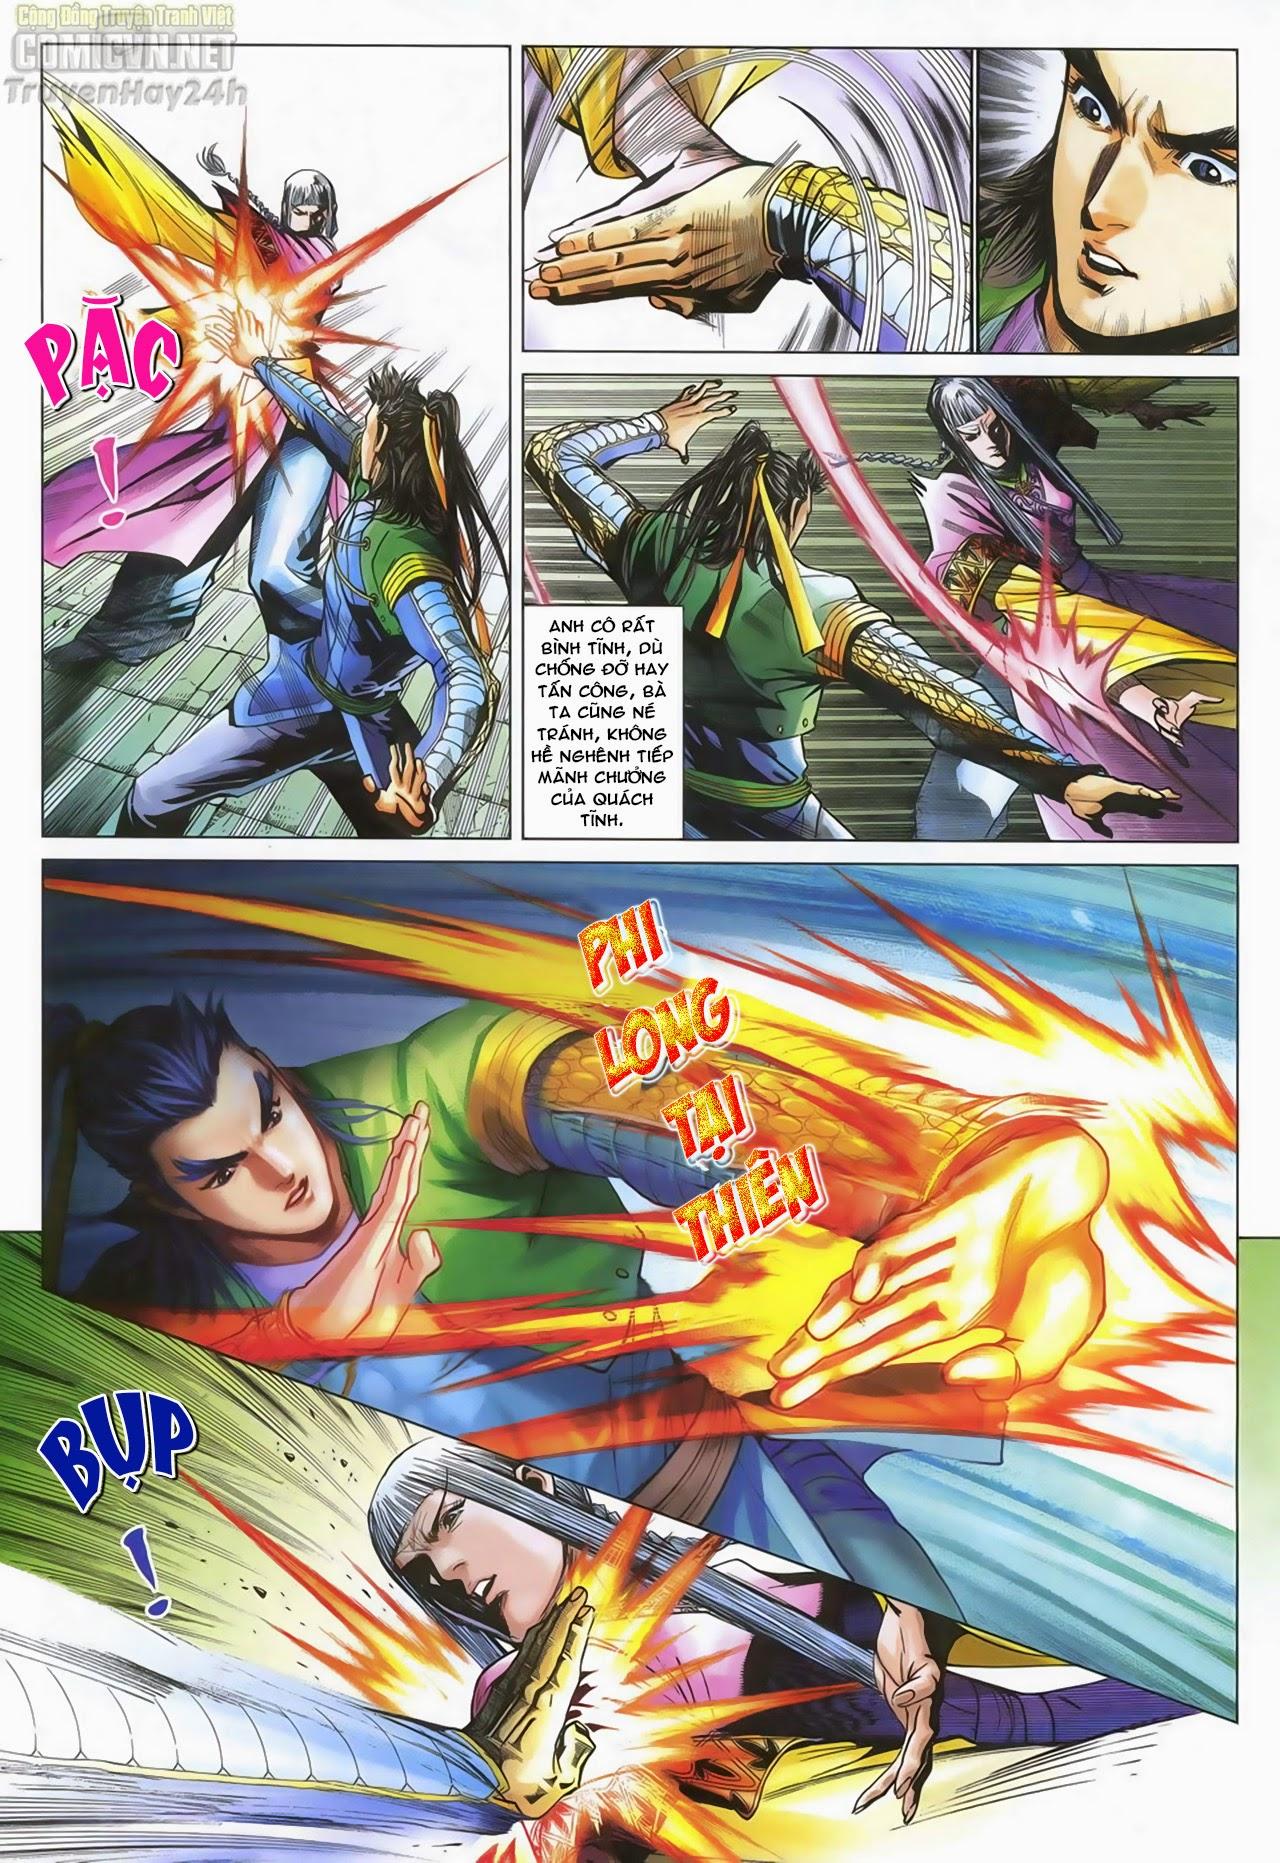 Anh Hùng Xạ Điêu anh hùng xạ đêu chap 70: hắc chiểu ẩn nữ trang 25